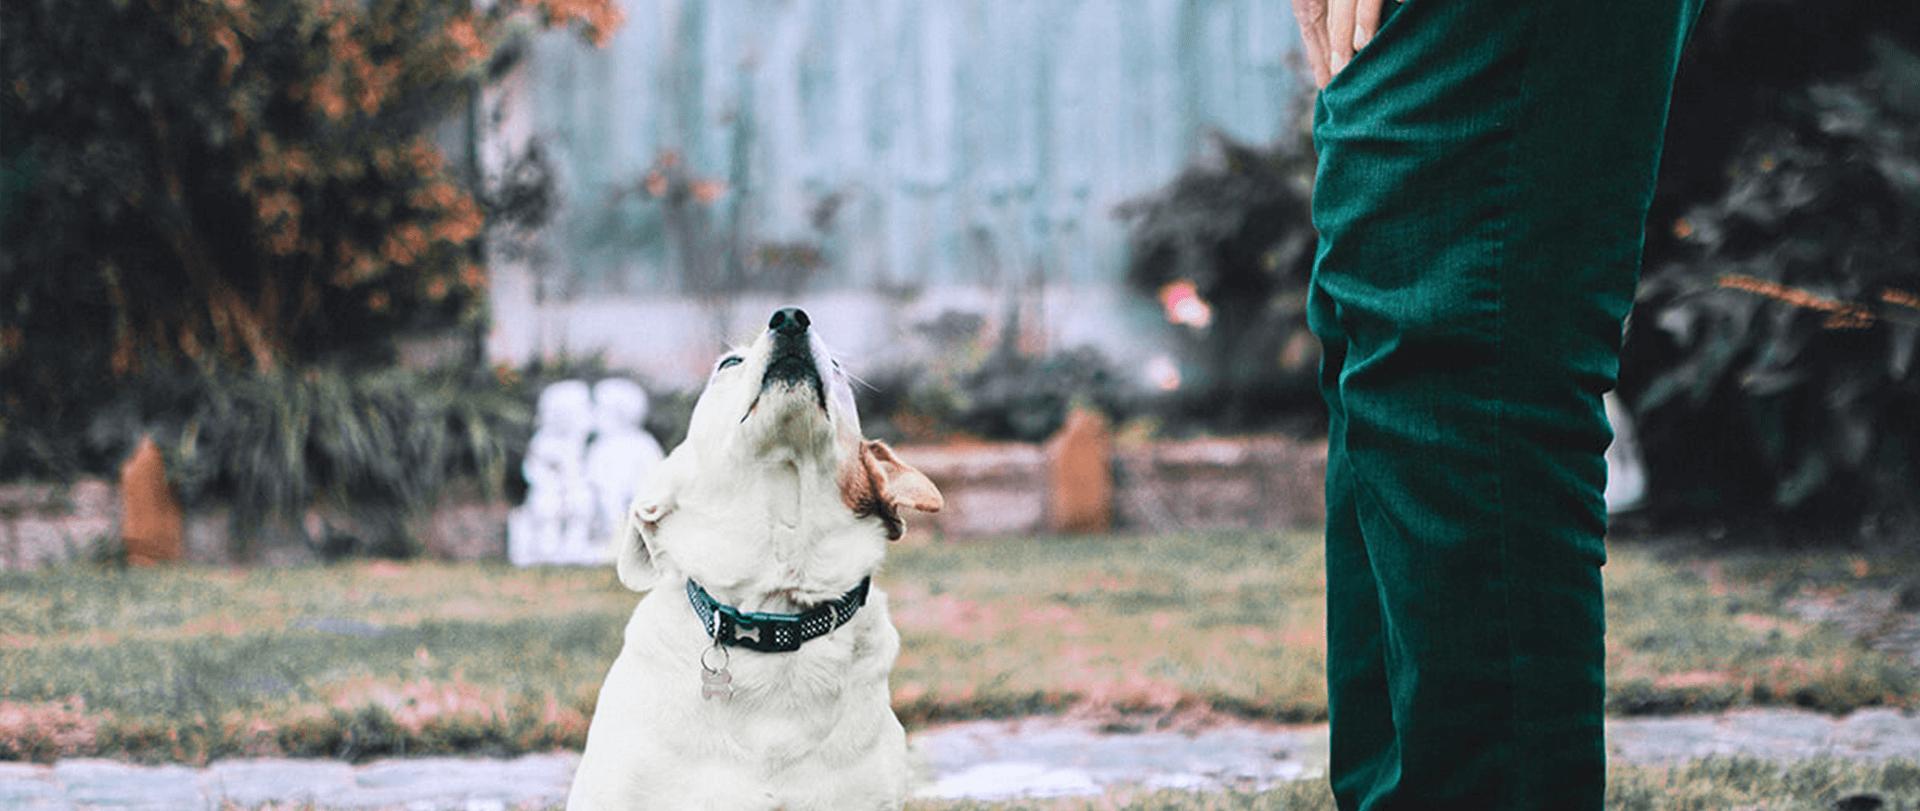 お預かりトレーニング1日の流れ,世田谷区と文京区で愛犬と一緒に受講するドッグトレーニングから、プロトレーナーによるトイレのしつけ、マナー他、ご自宅までお伺いする出張ドッグトレーニングサービス、お散歩代行、LINE無料相談、ドッグホテル、ドッグ幼稚園、短期間お預かりトレーニング、初回カウンセリングご相談後オリジナルメニューをお作りいたします。犬のしつけハグお預かりトレーニング1日の流れ,世田谷区と文京区で愛犬と一緒に受講するドッグトレーニングから、プロトレーナーによるトイレのしつけ、マナー他、ご自宅までお伺いする出張ドッグトレーニングサービス、お散歩代行、LINE無料相談、ドッグホテル、ドッグ幼稚園、短期間お預かりトレーニング、初回カウンセリングご相談後オリジナルメニューをお作りいたします。犬のしつけハグ